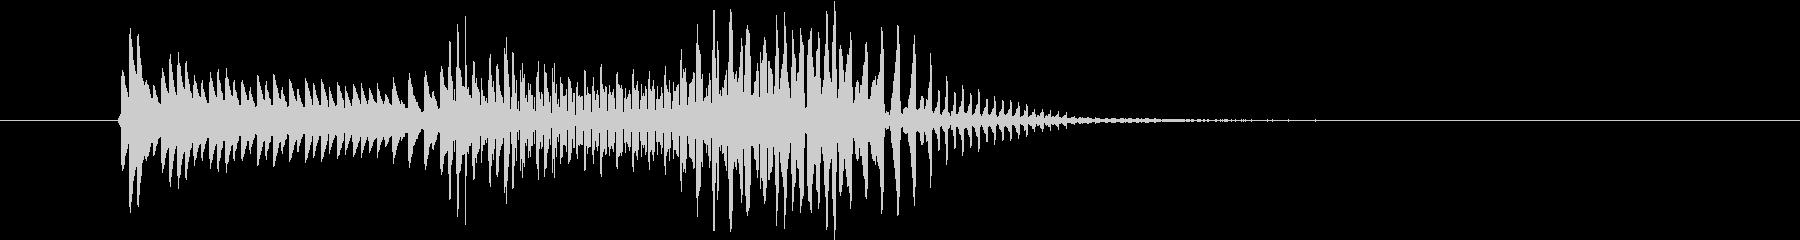 パーカッション 口ハープ14の未再生の波形